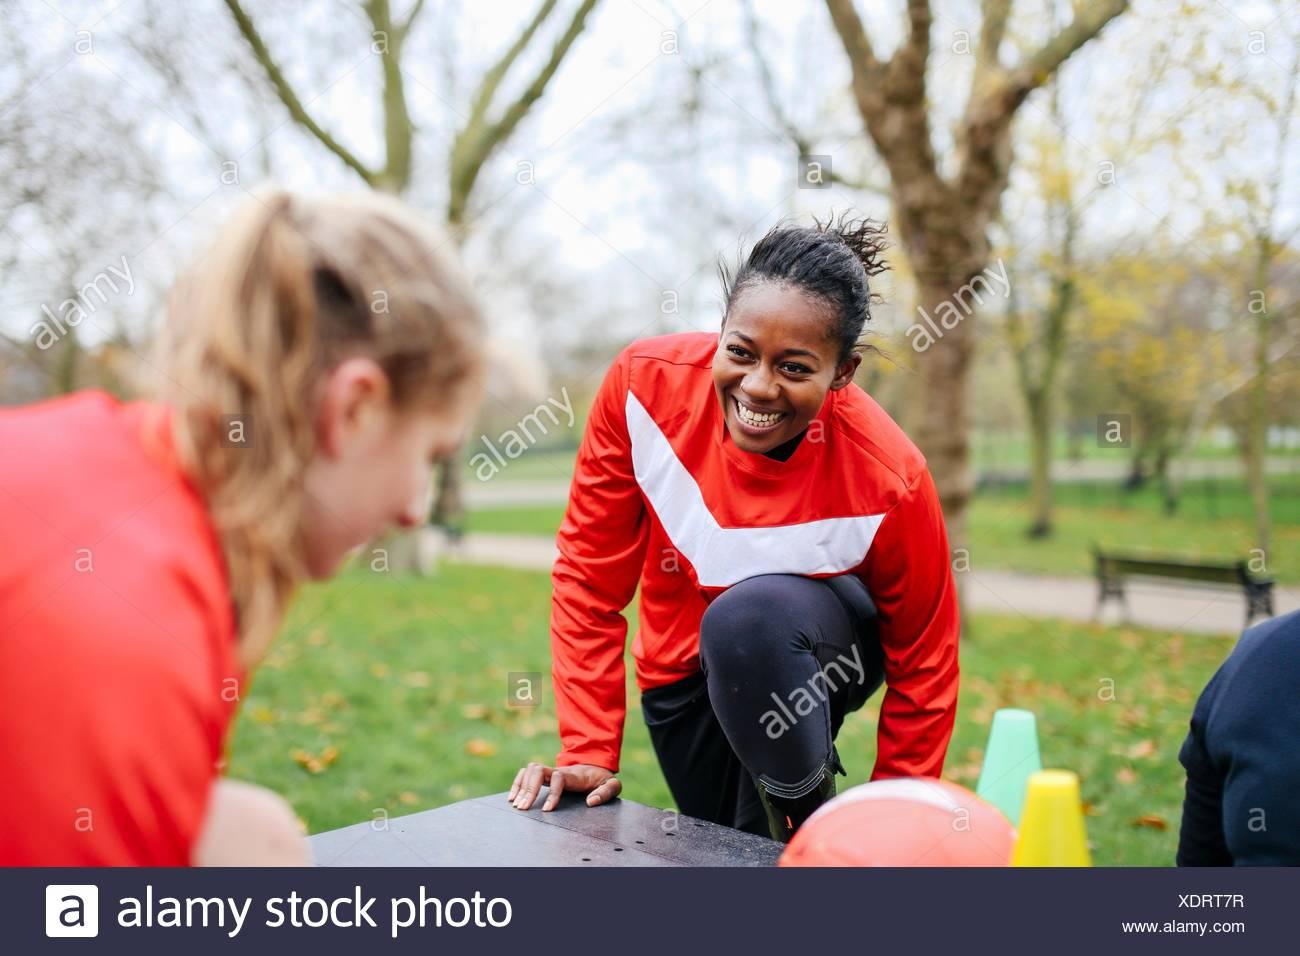 Los jugadores de fútbol femenino adulto preparando para jugar fútbol en el parque Imagen De Stock